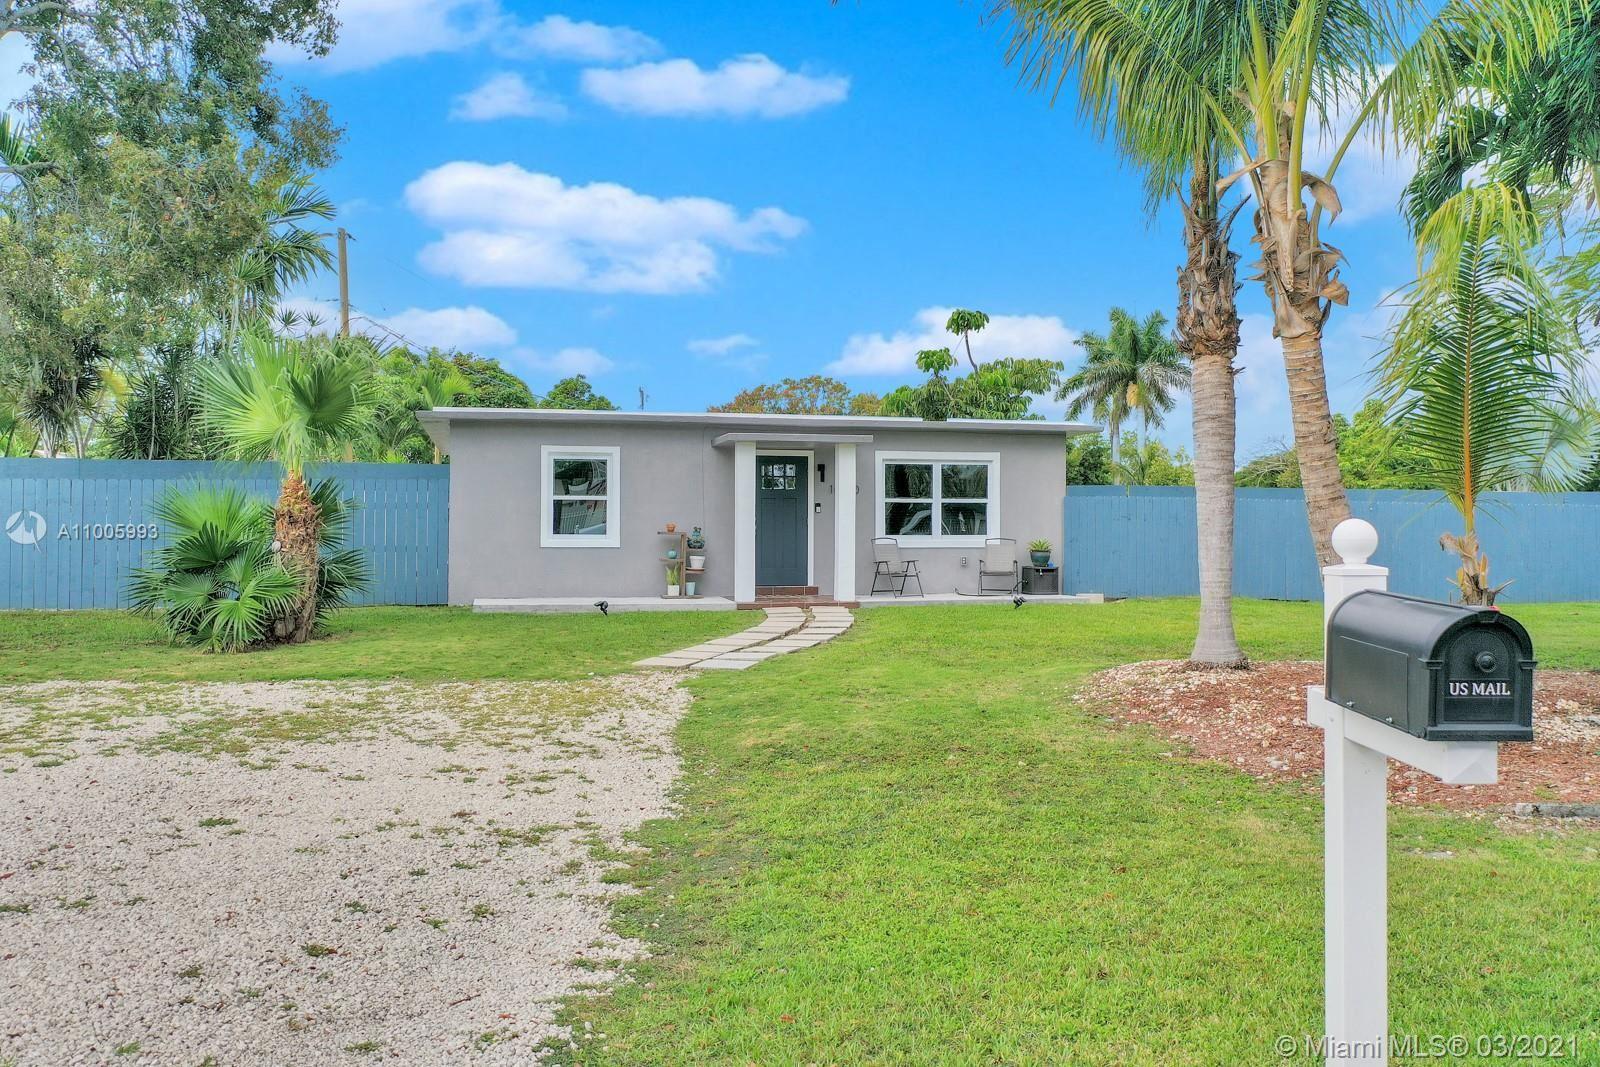 14920 Garfield Dr, Homestead, FL 33033 - #: A11005993